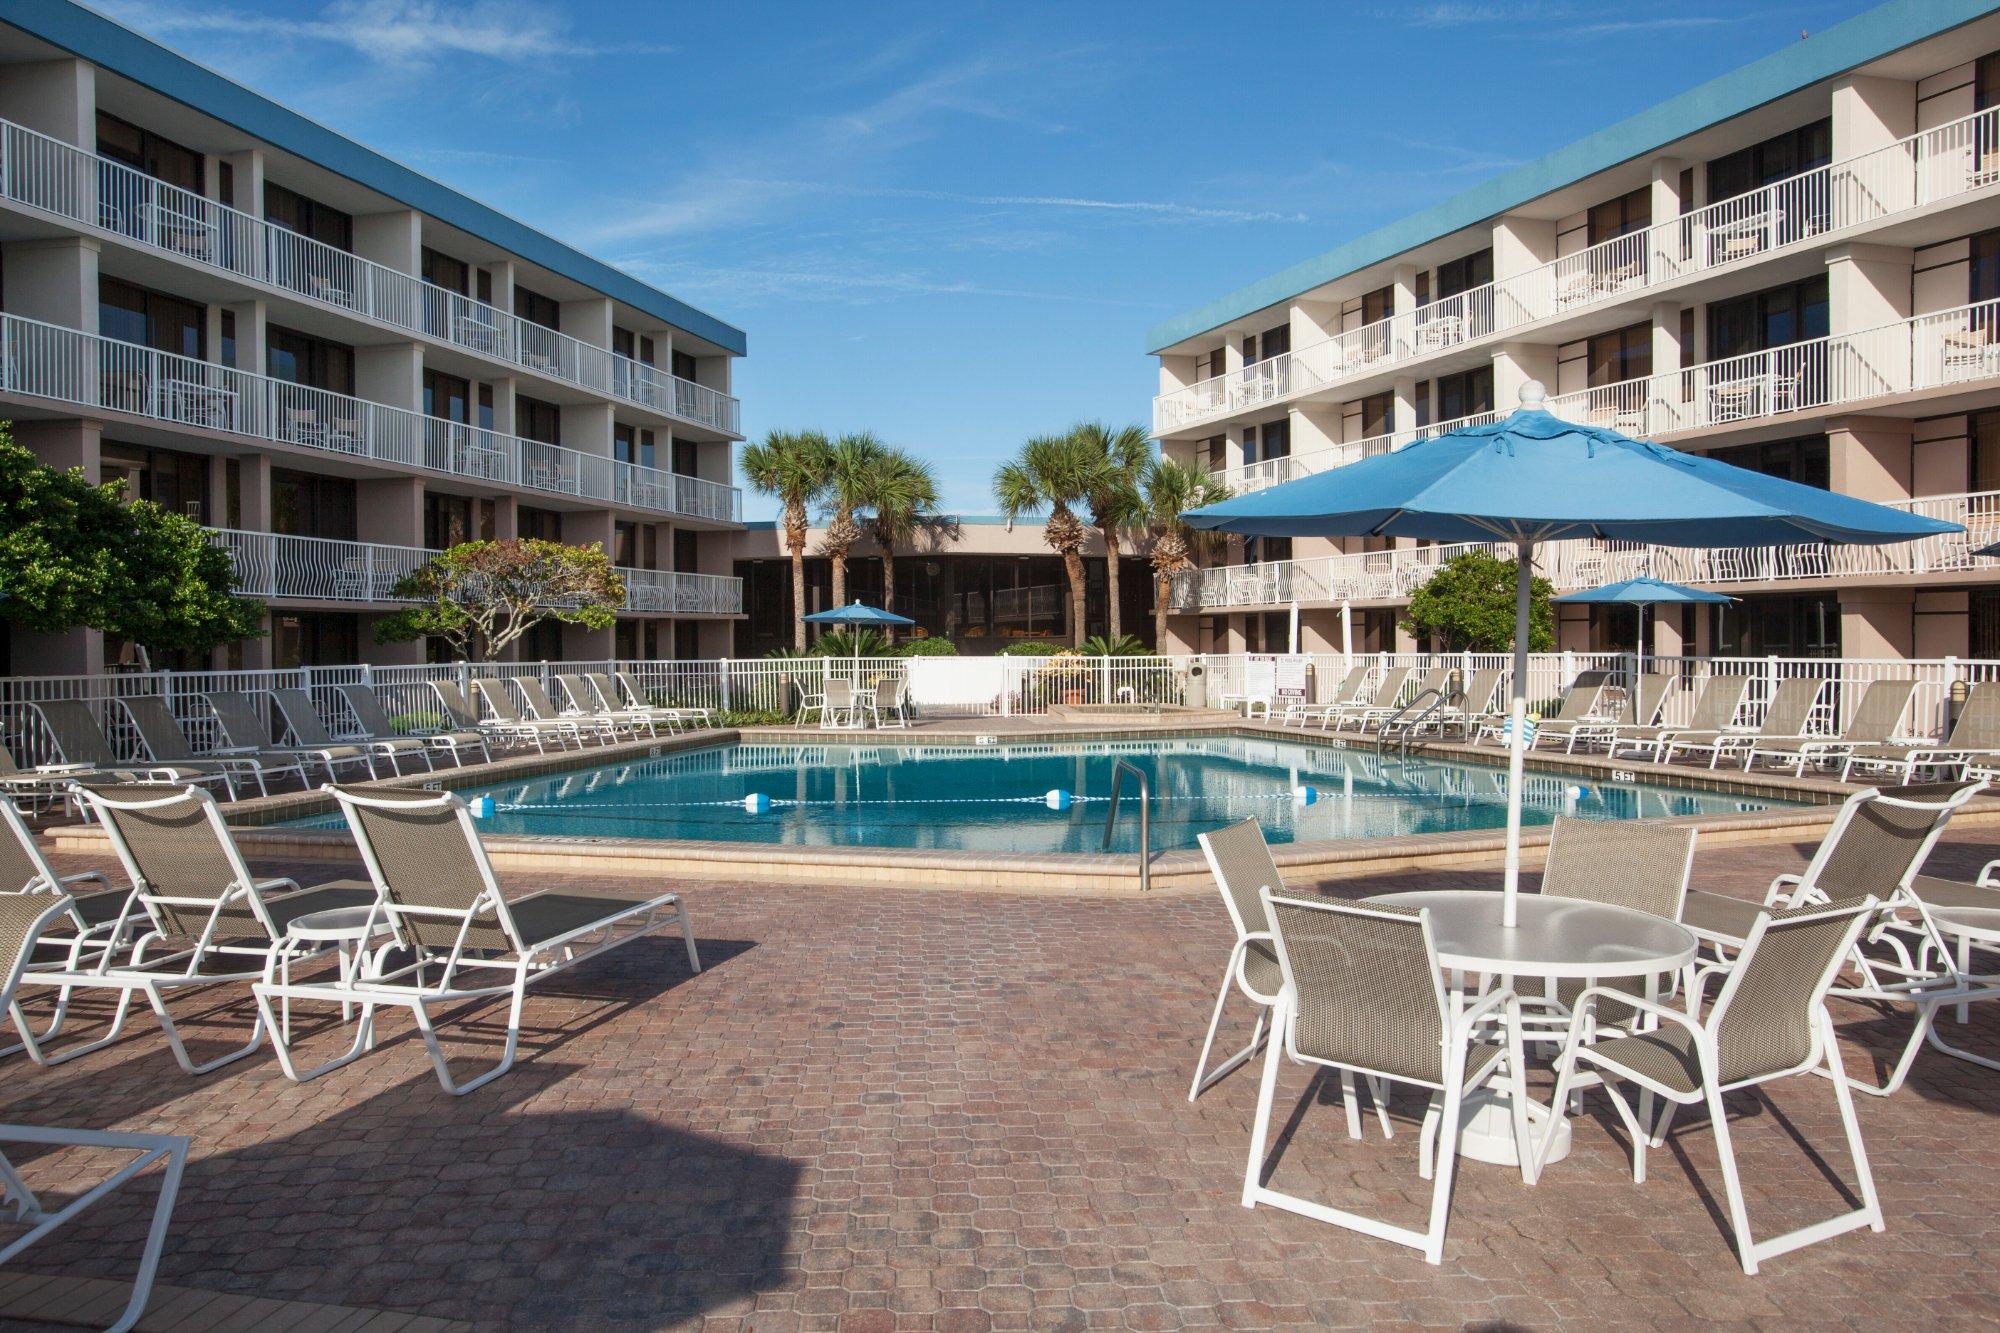 The Beach Club at St Augustine